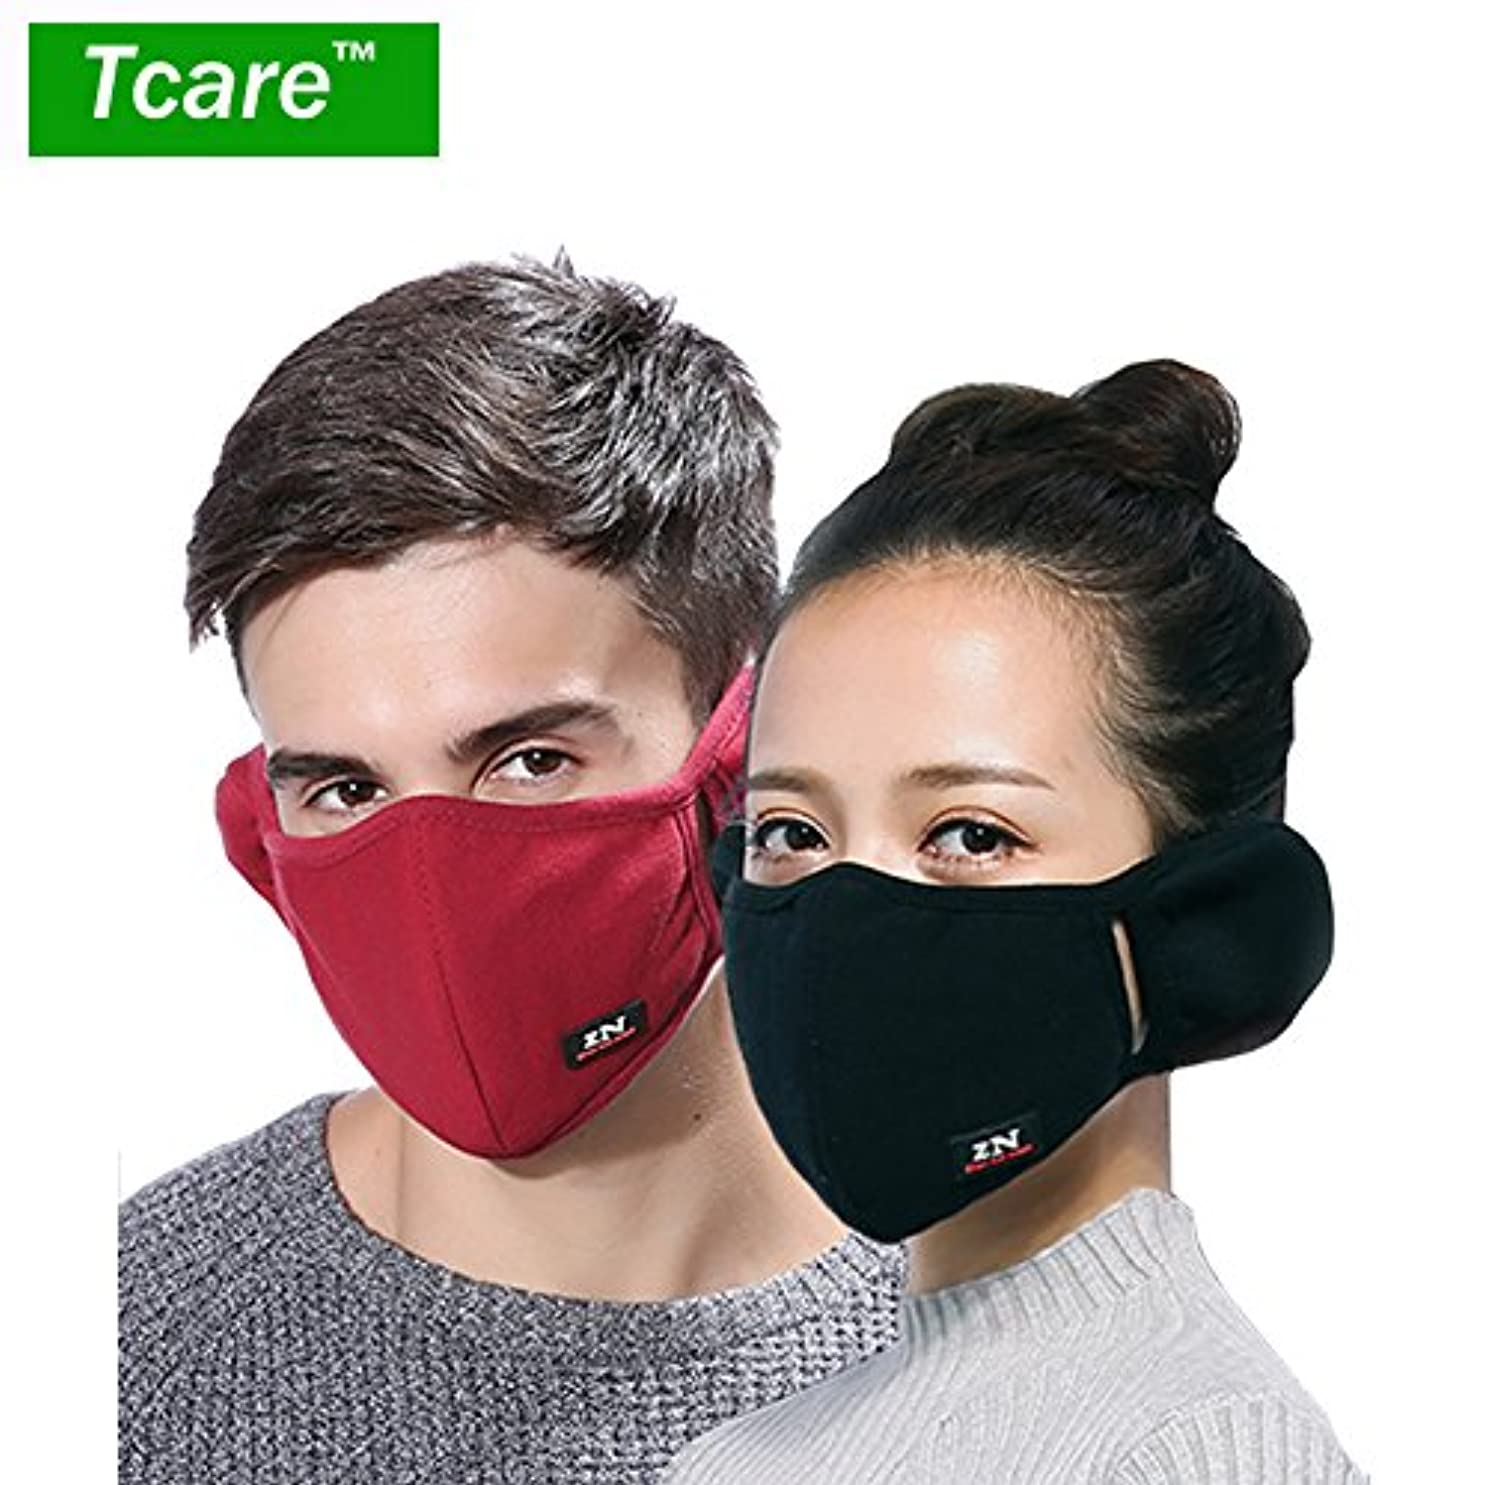 施し未払い特異性男性女性の少年少女のためのTcare呼吸器2レイヤピュアコットン保護フィルター挿入口:4ローズレッド